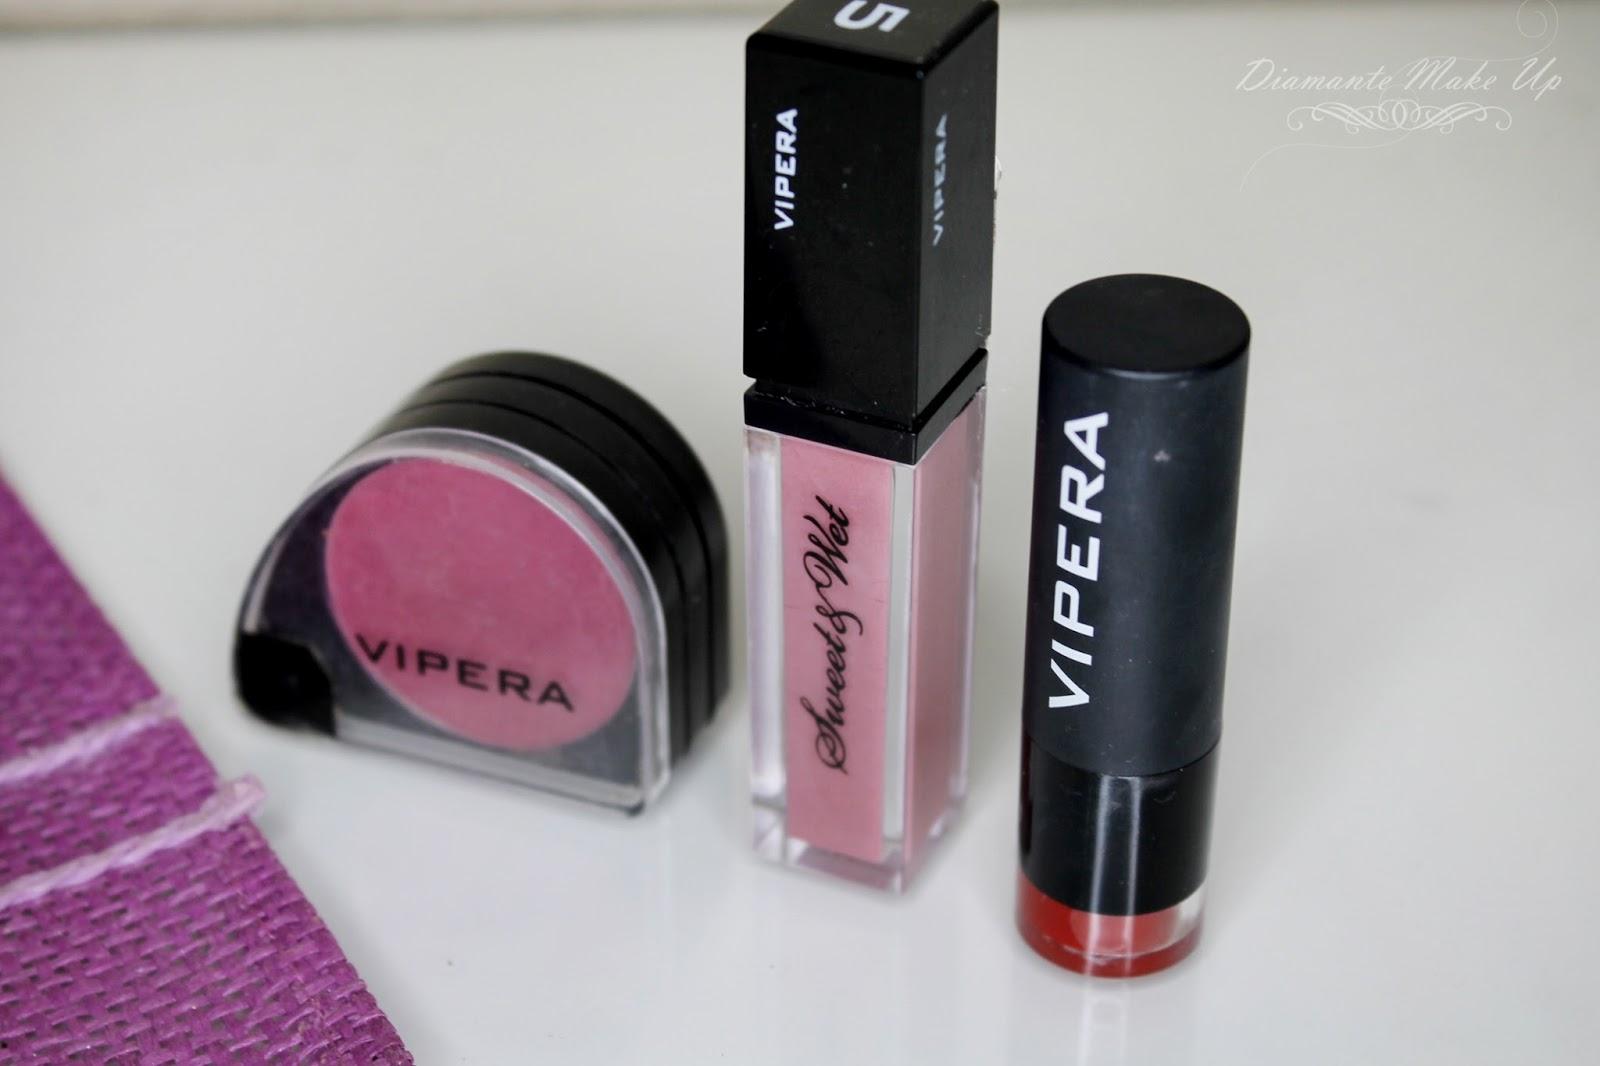 Recenzja zbiorcza 3w1 - produkty do ust Vipera Cosmetics